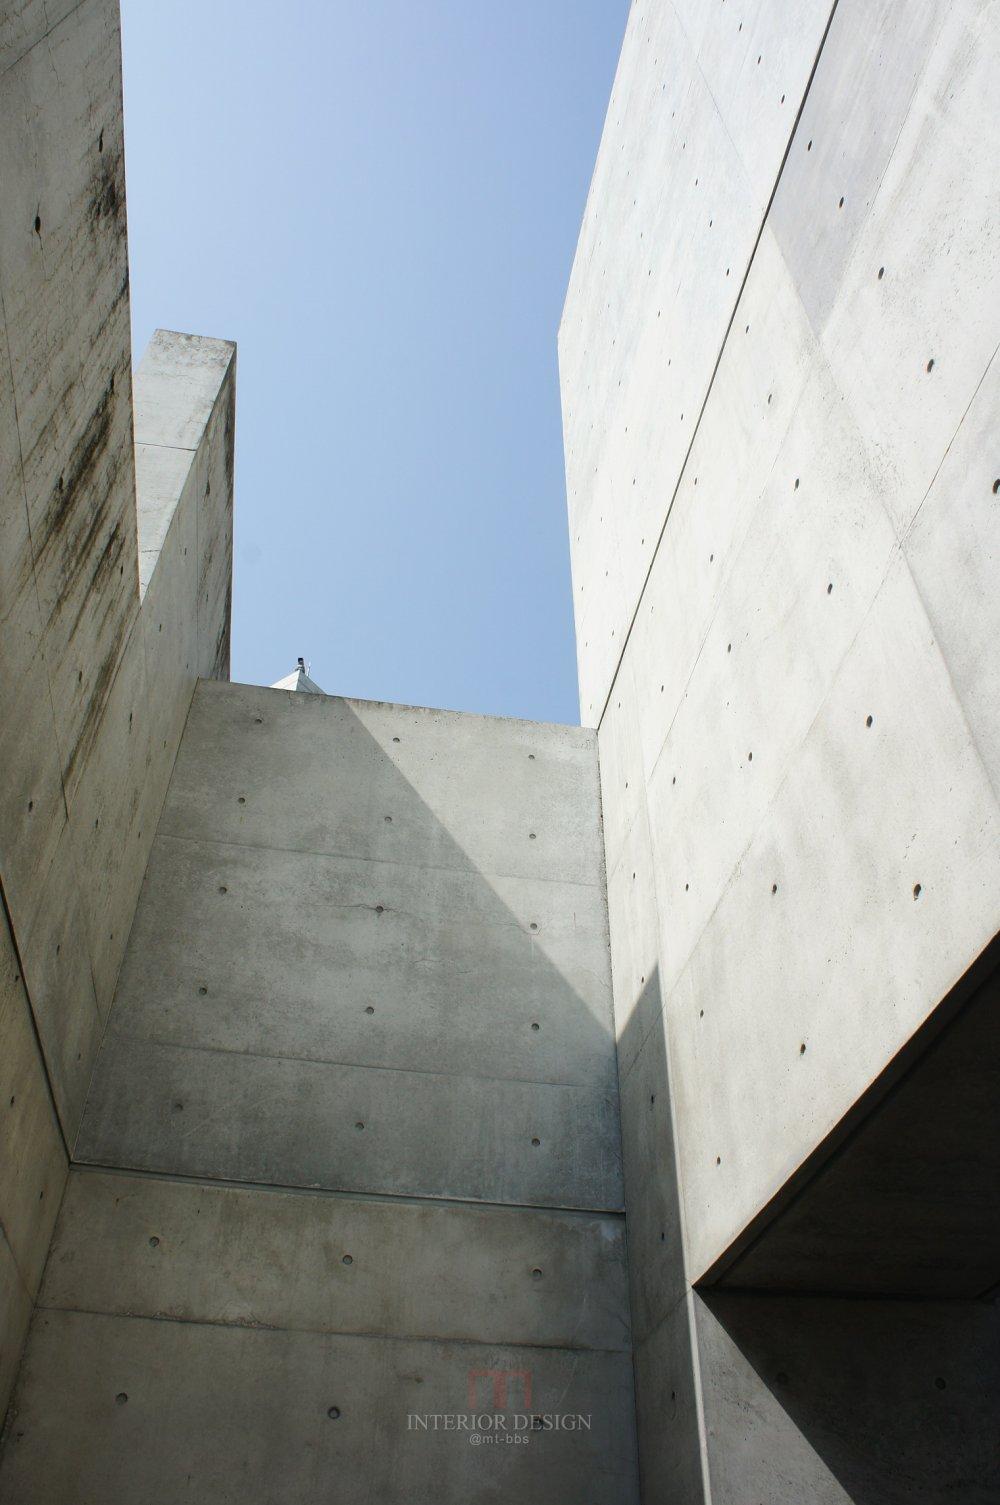 #伙伴一起看日本#  日本设计考察分享(更新美秀美术馆)_DSC05800.JPG